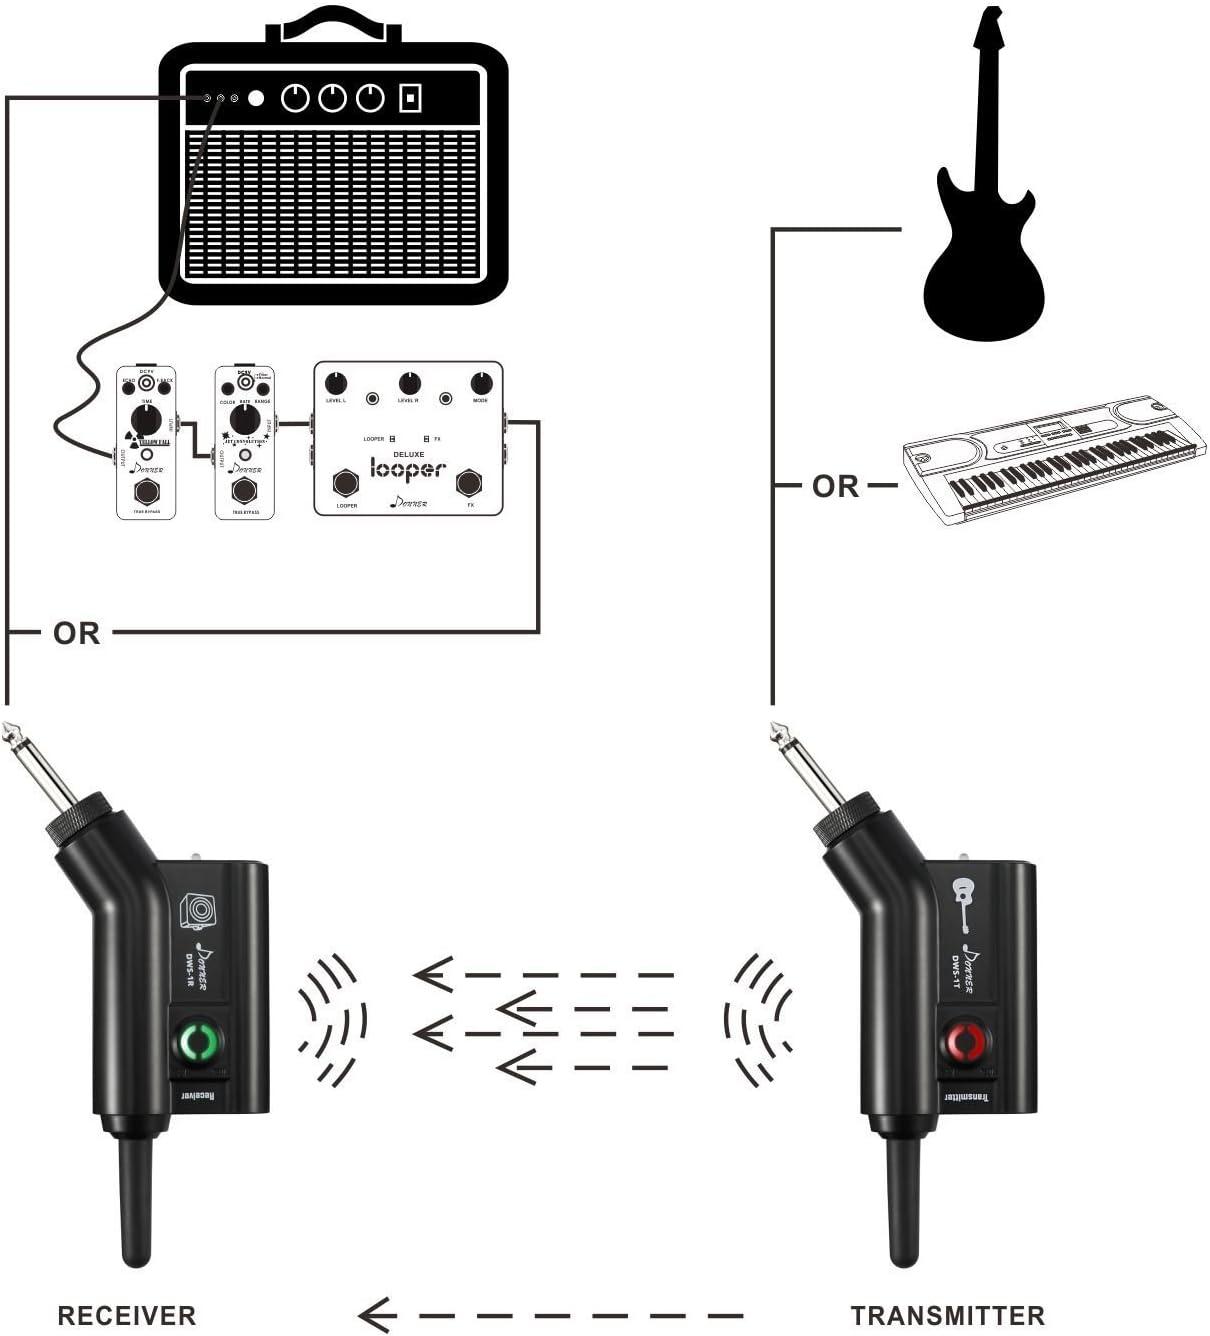 Sistema di ricevitore e trasmettitore wireless per chitarra digitale DWS-1 Donner